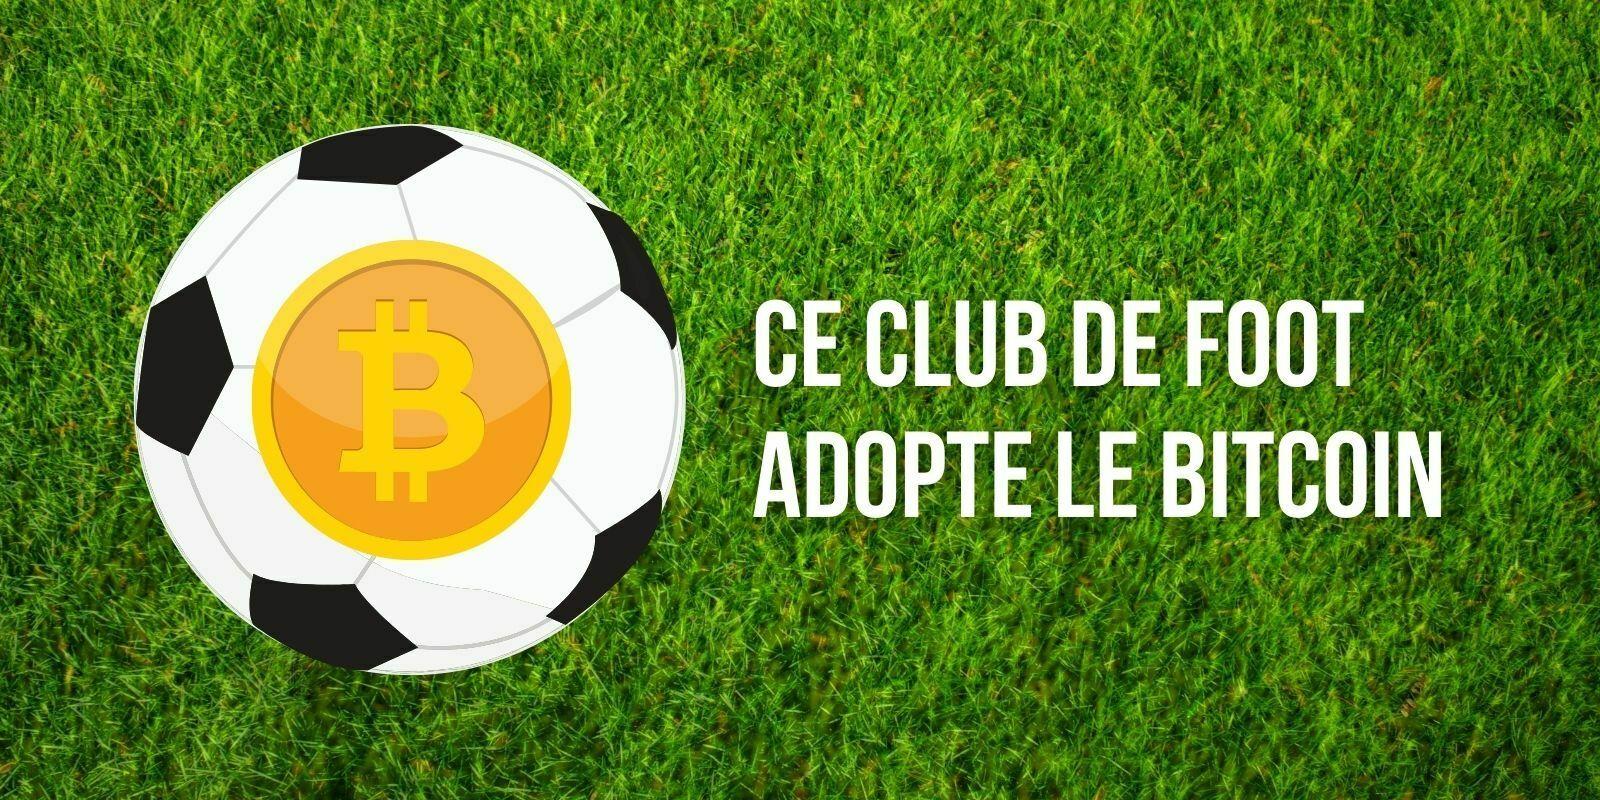 Cette équipe de football néerlandaise va conserver du Bitcoin (BTC) dans sa trésorerie